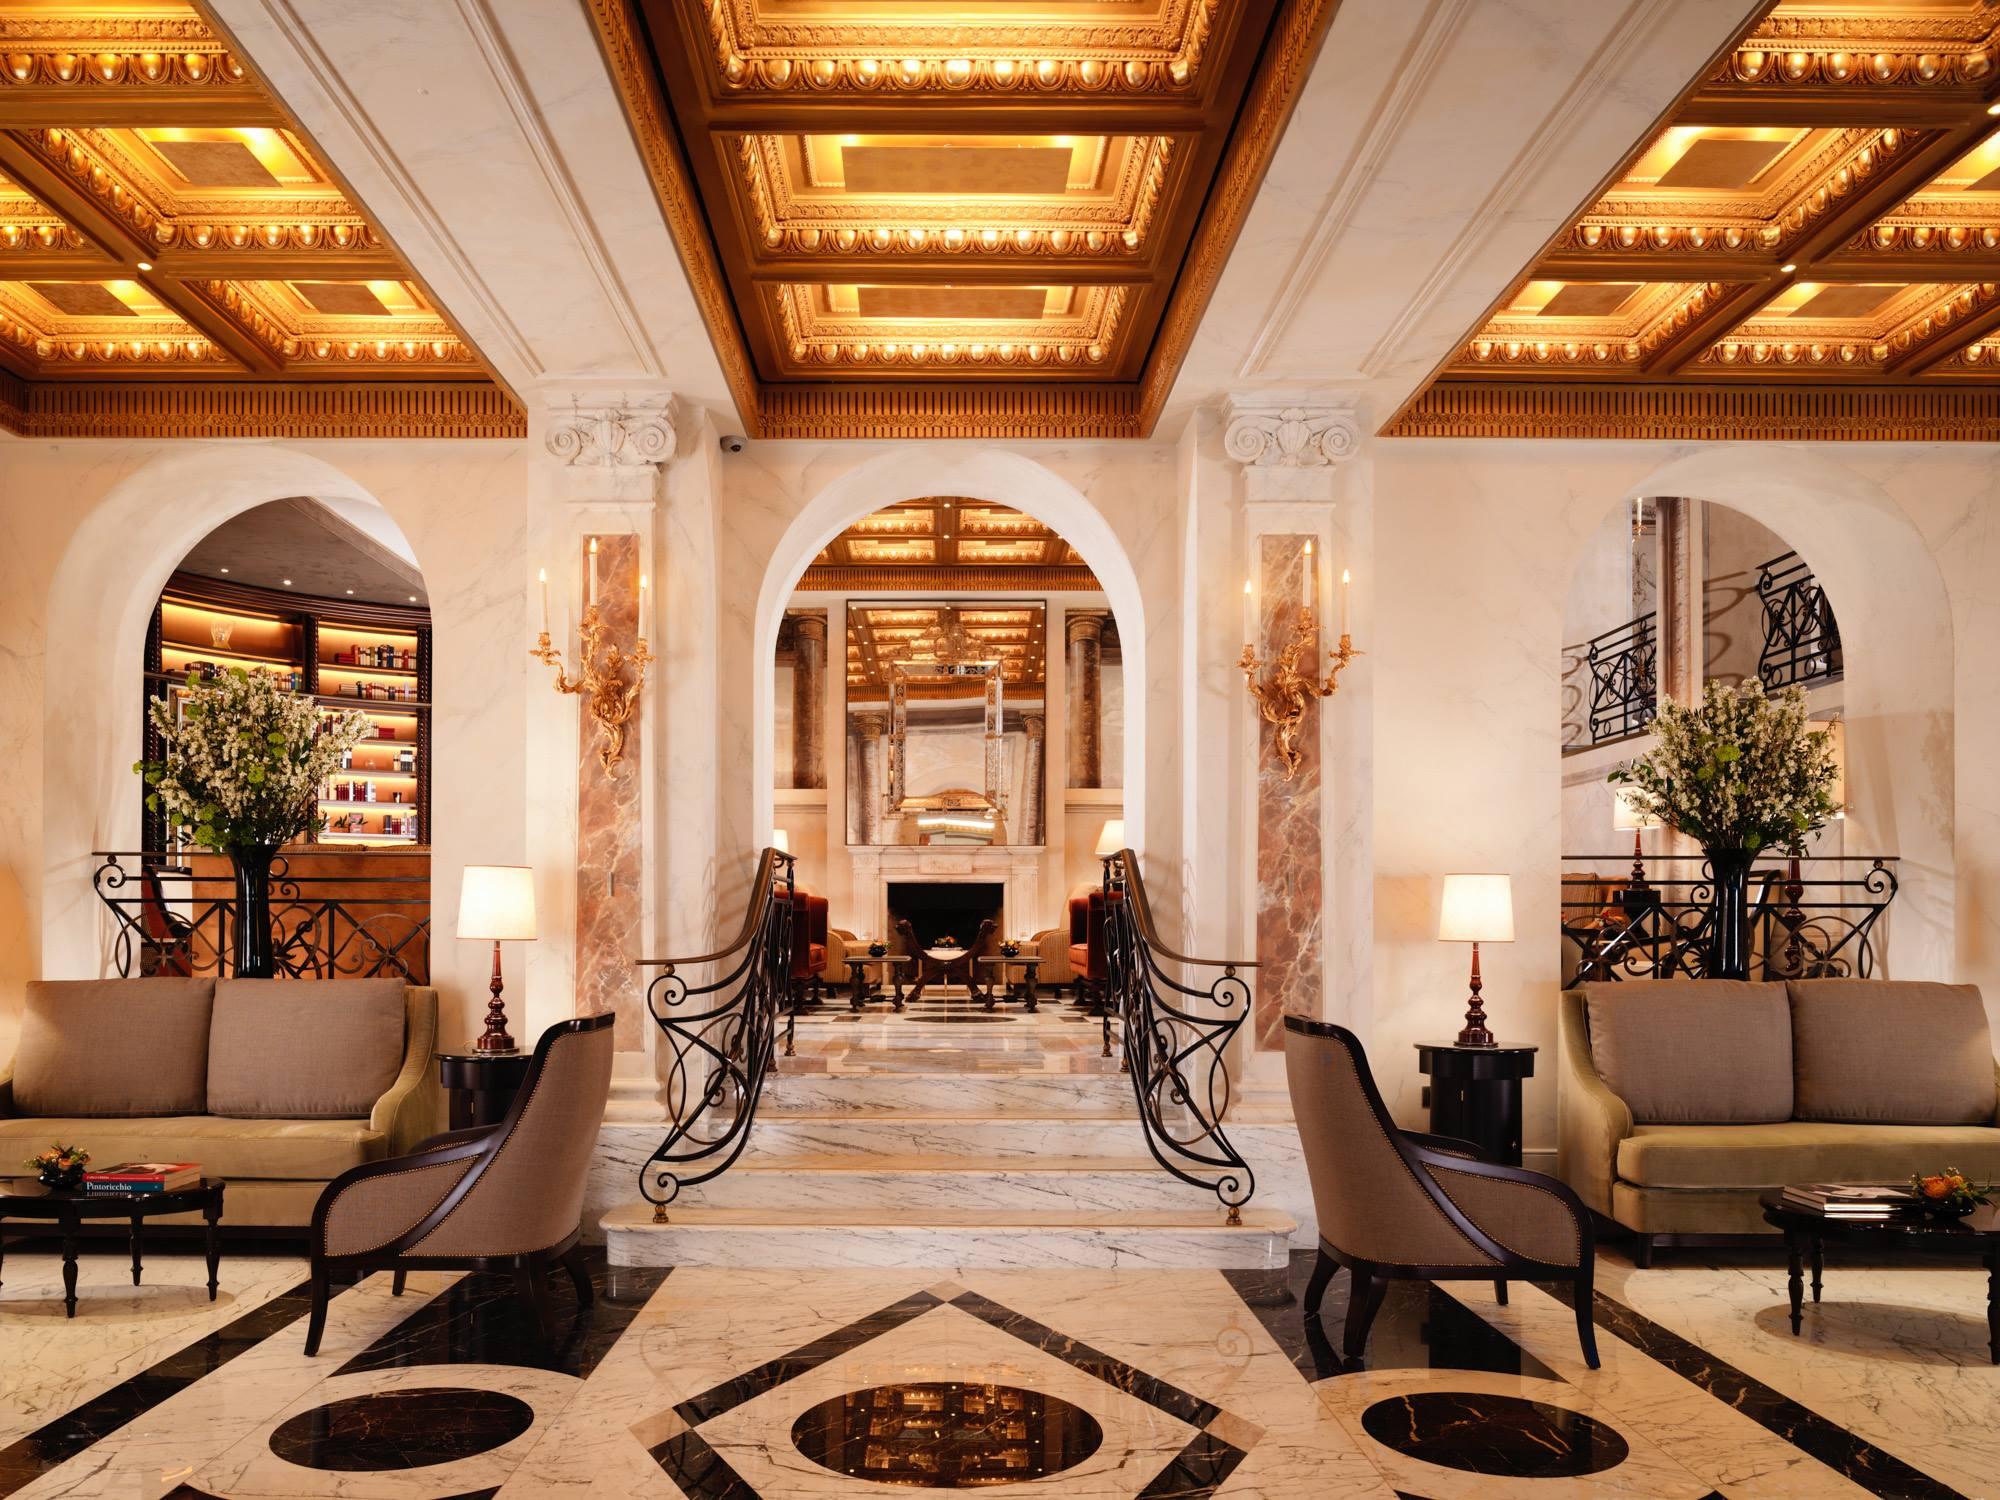 Hotel Eden Roma, luna de miel en Roma, los mejores hoteles para luna de miel en Roma - Wedding Hub - 013